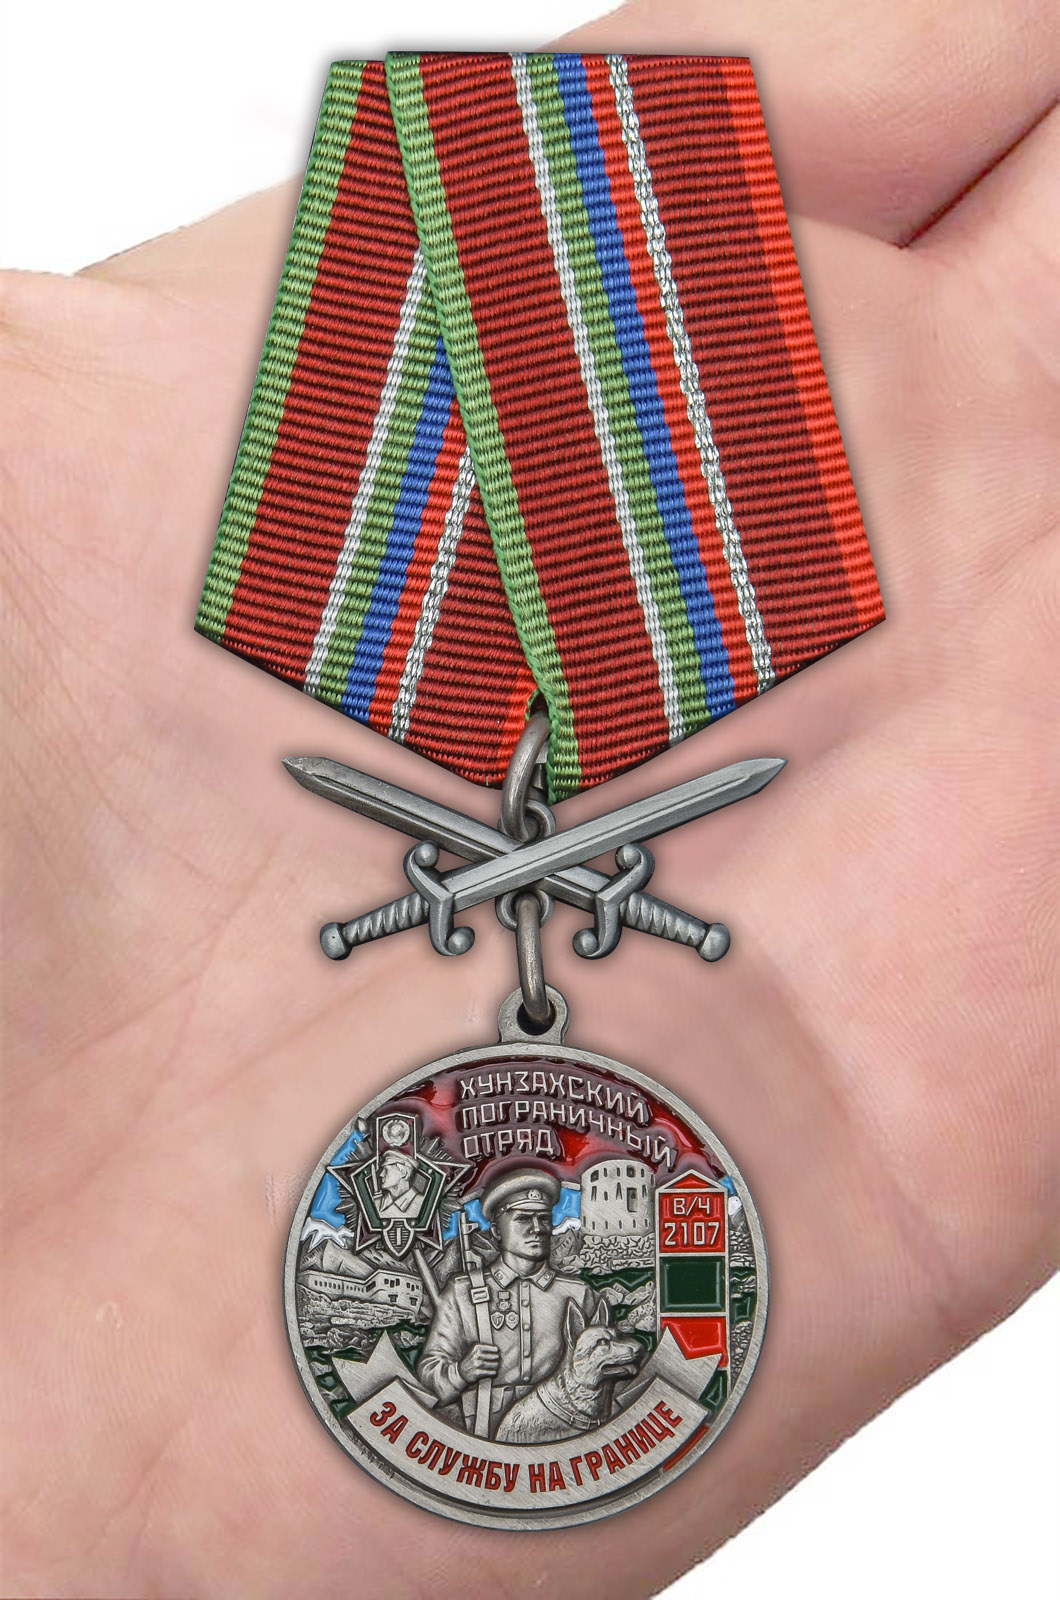 Наградная медаль За службу в Хунзахском пограничном отряде - вид на ладони